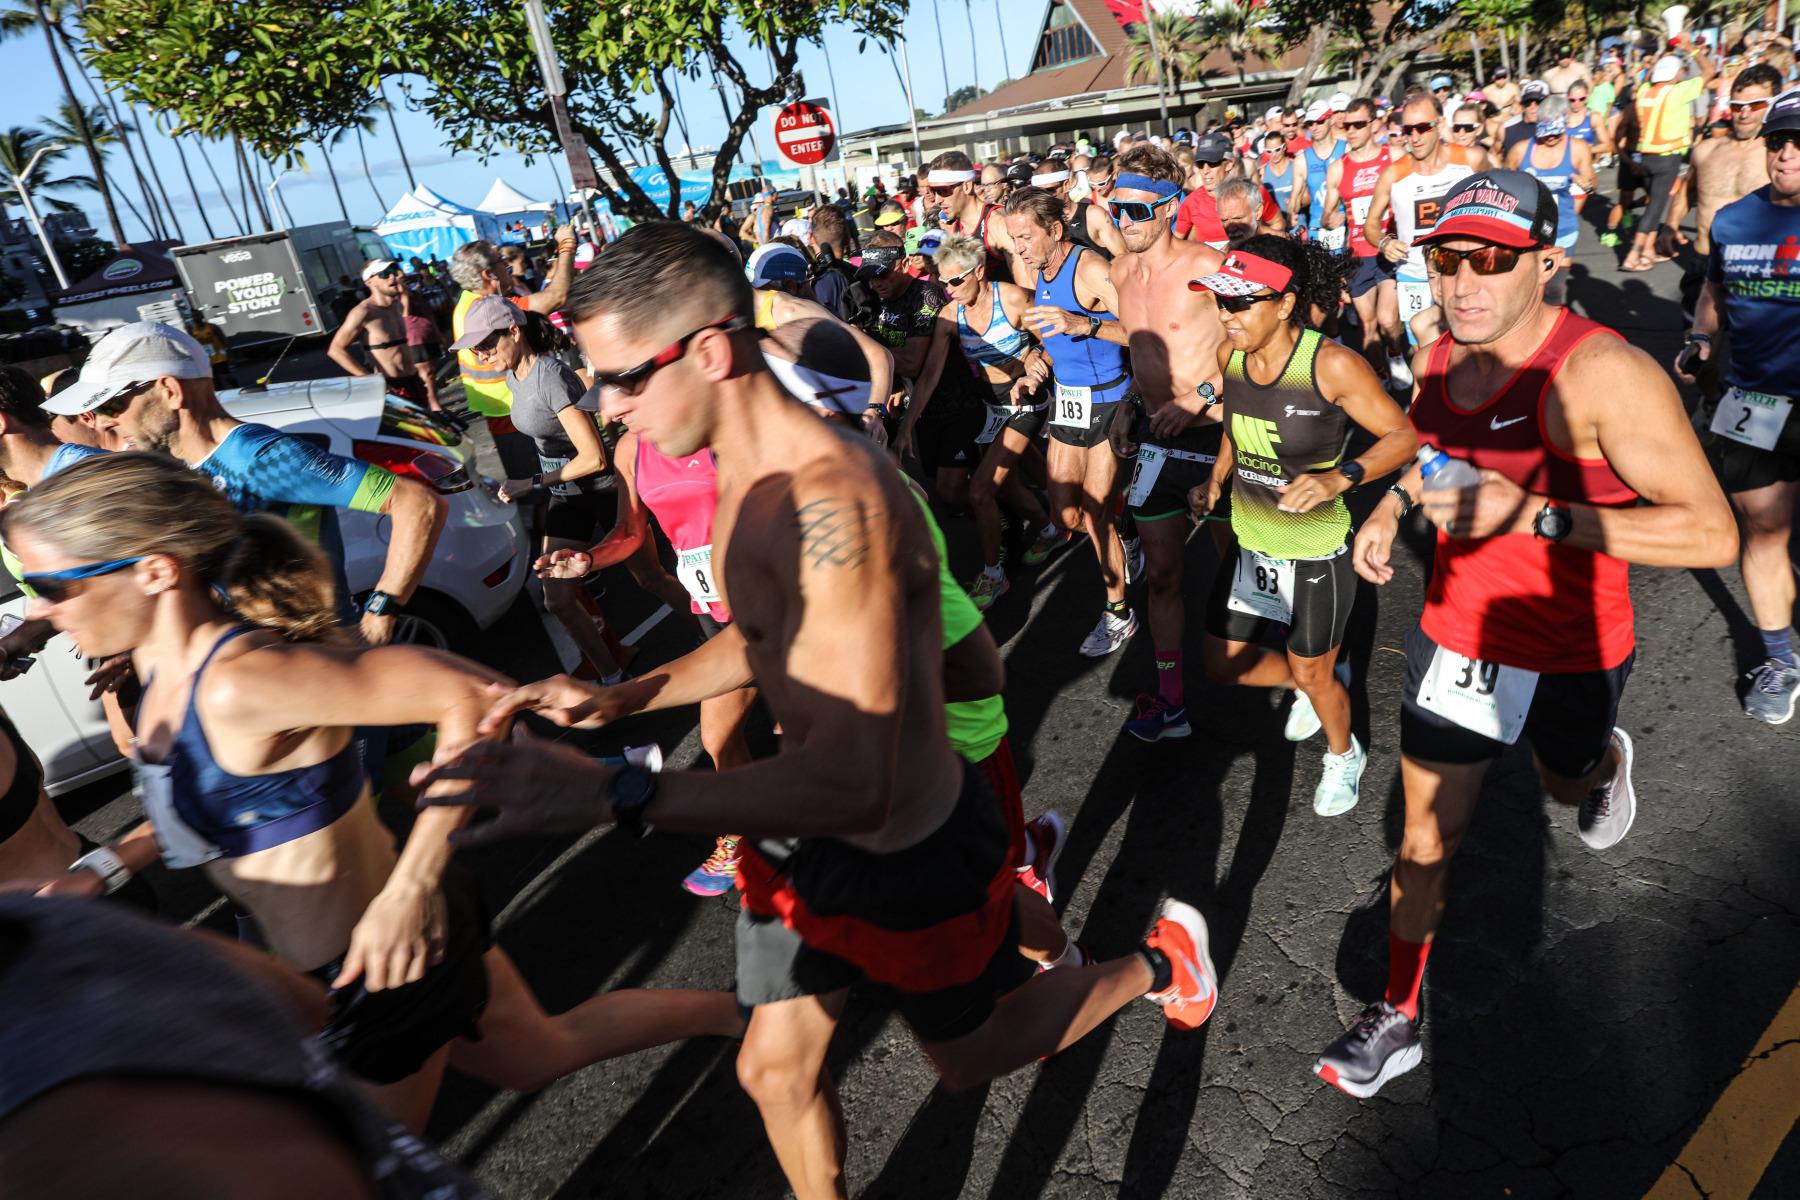 226 Läuferinnen und Läufer machen sich auf den Weg. Fünf Minuten später entern weitere 219 5-Kilometer-Läufer den Alii Drive Richtung Lava Java.